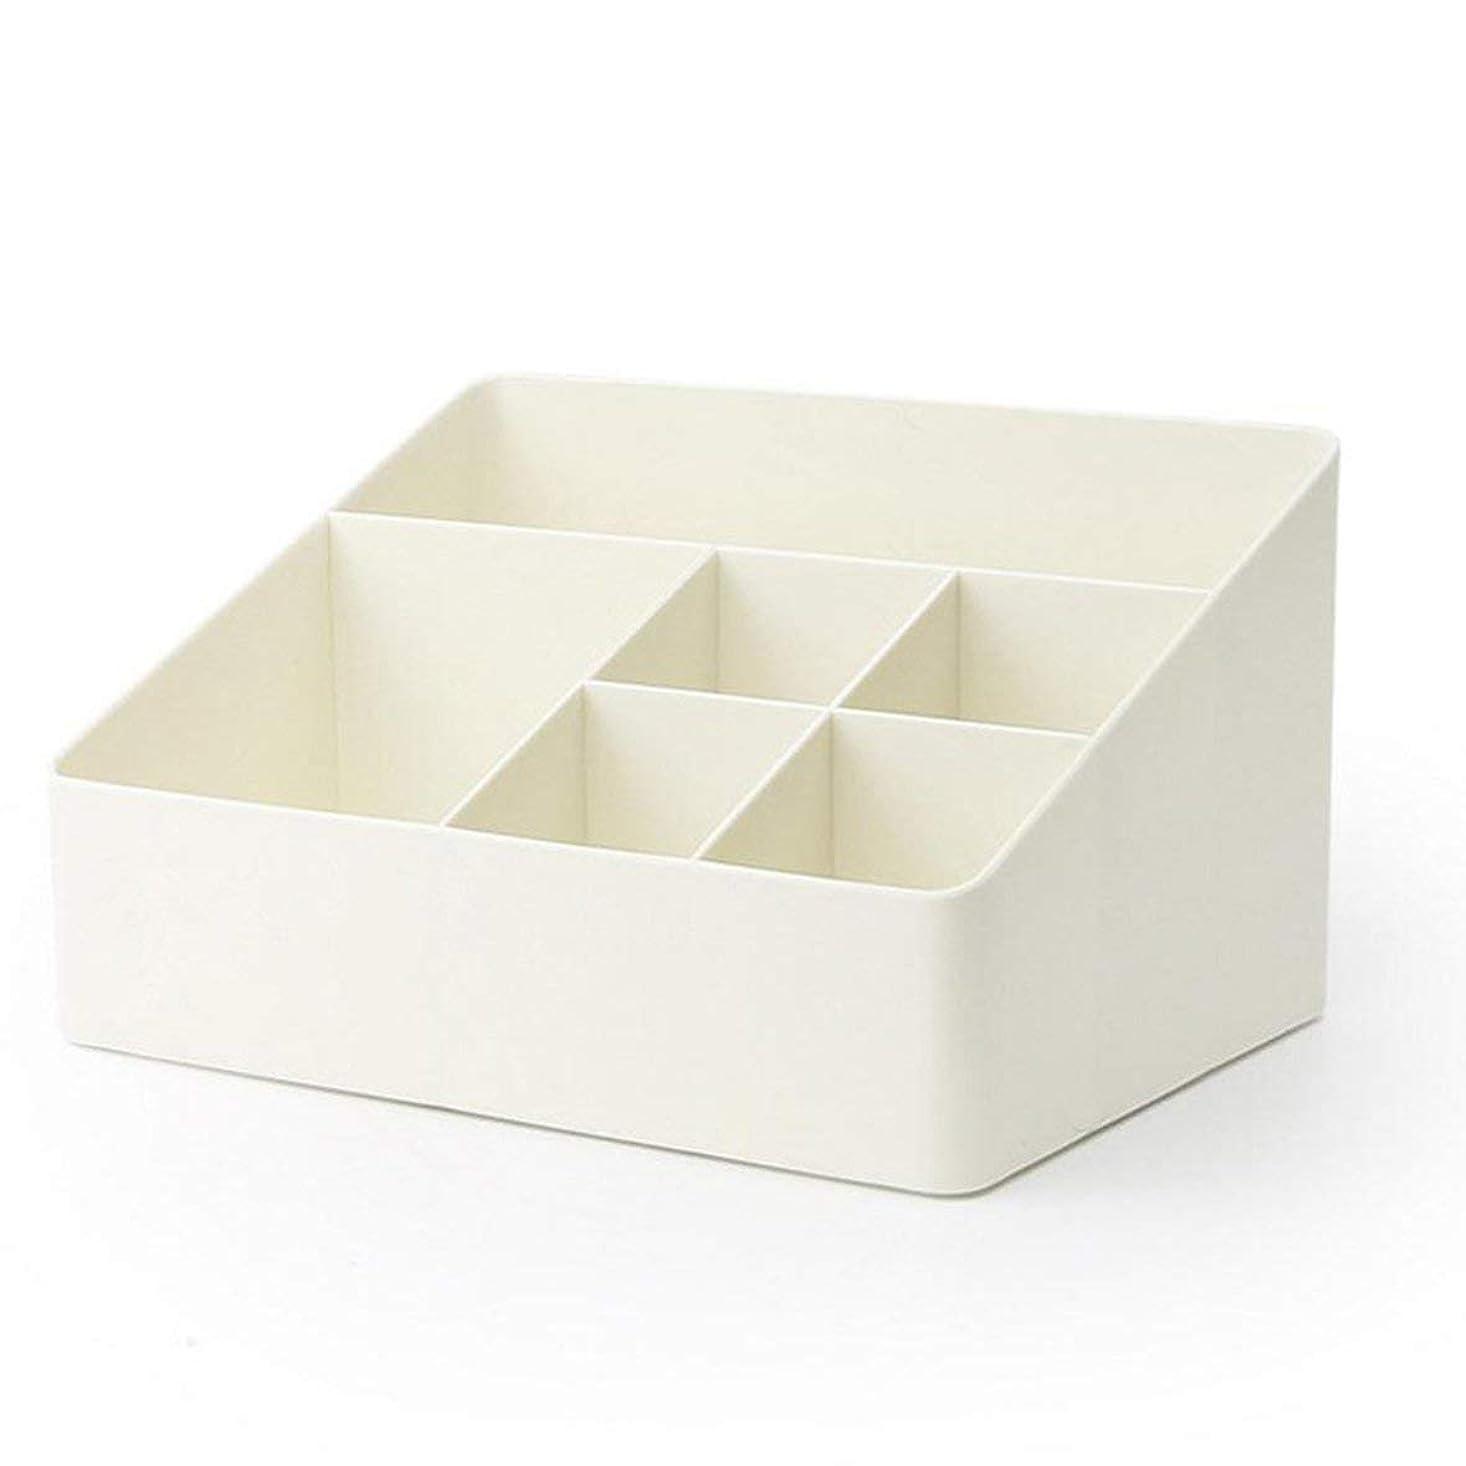 広告主つまずく意識Blackfell 簡単な6グリッドプラスチック収納ボックス収納用クリーニングcasefor家庭用